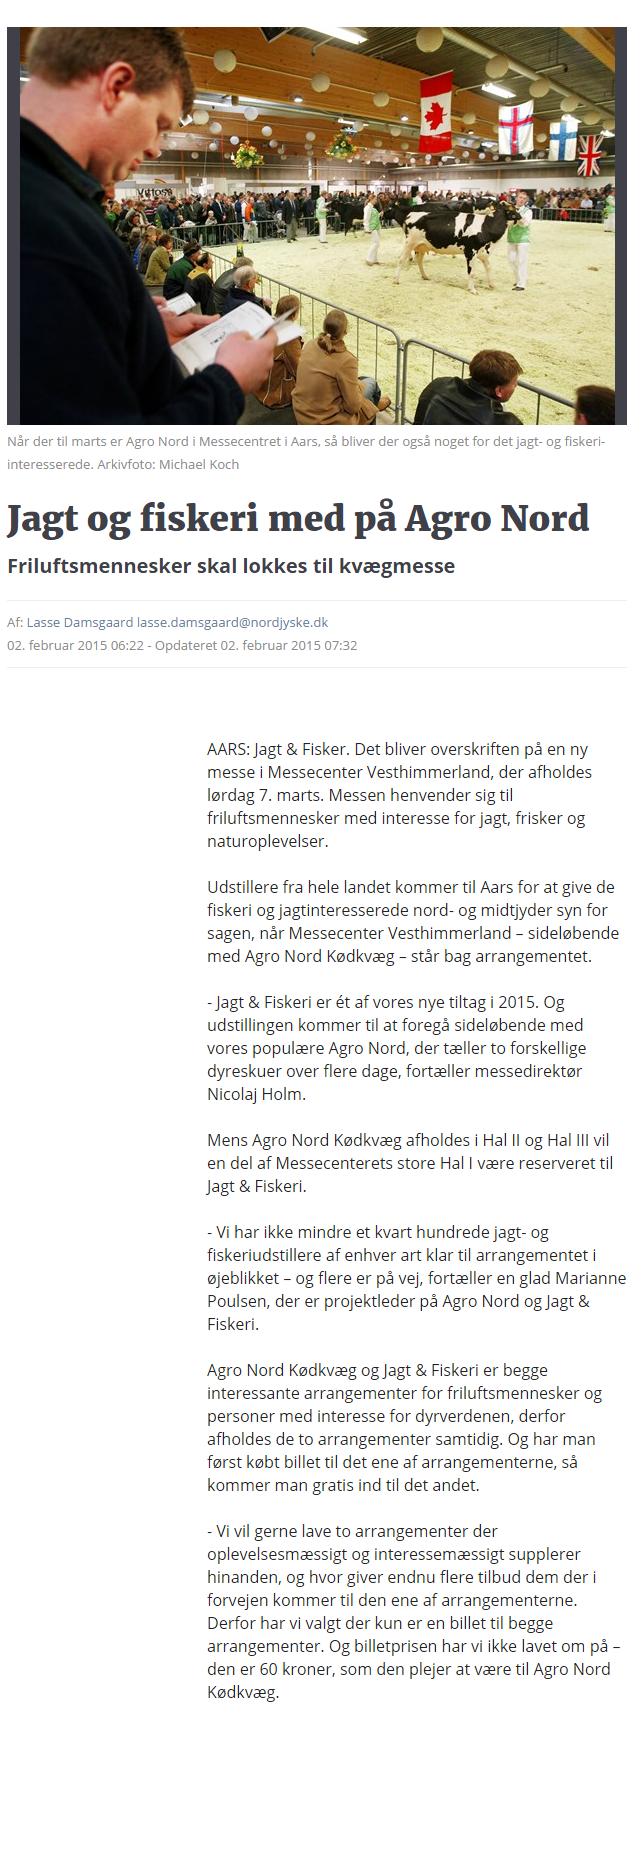 Jagt og fiskeri med på Agro Nord   Nordjyske.dk (1)